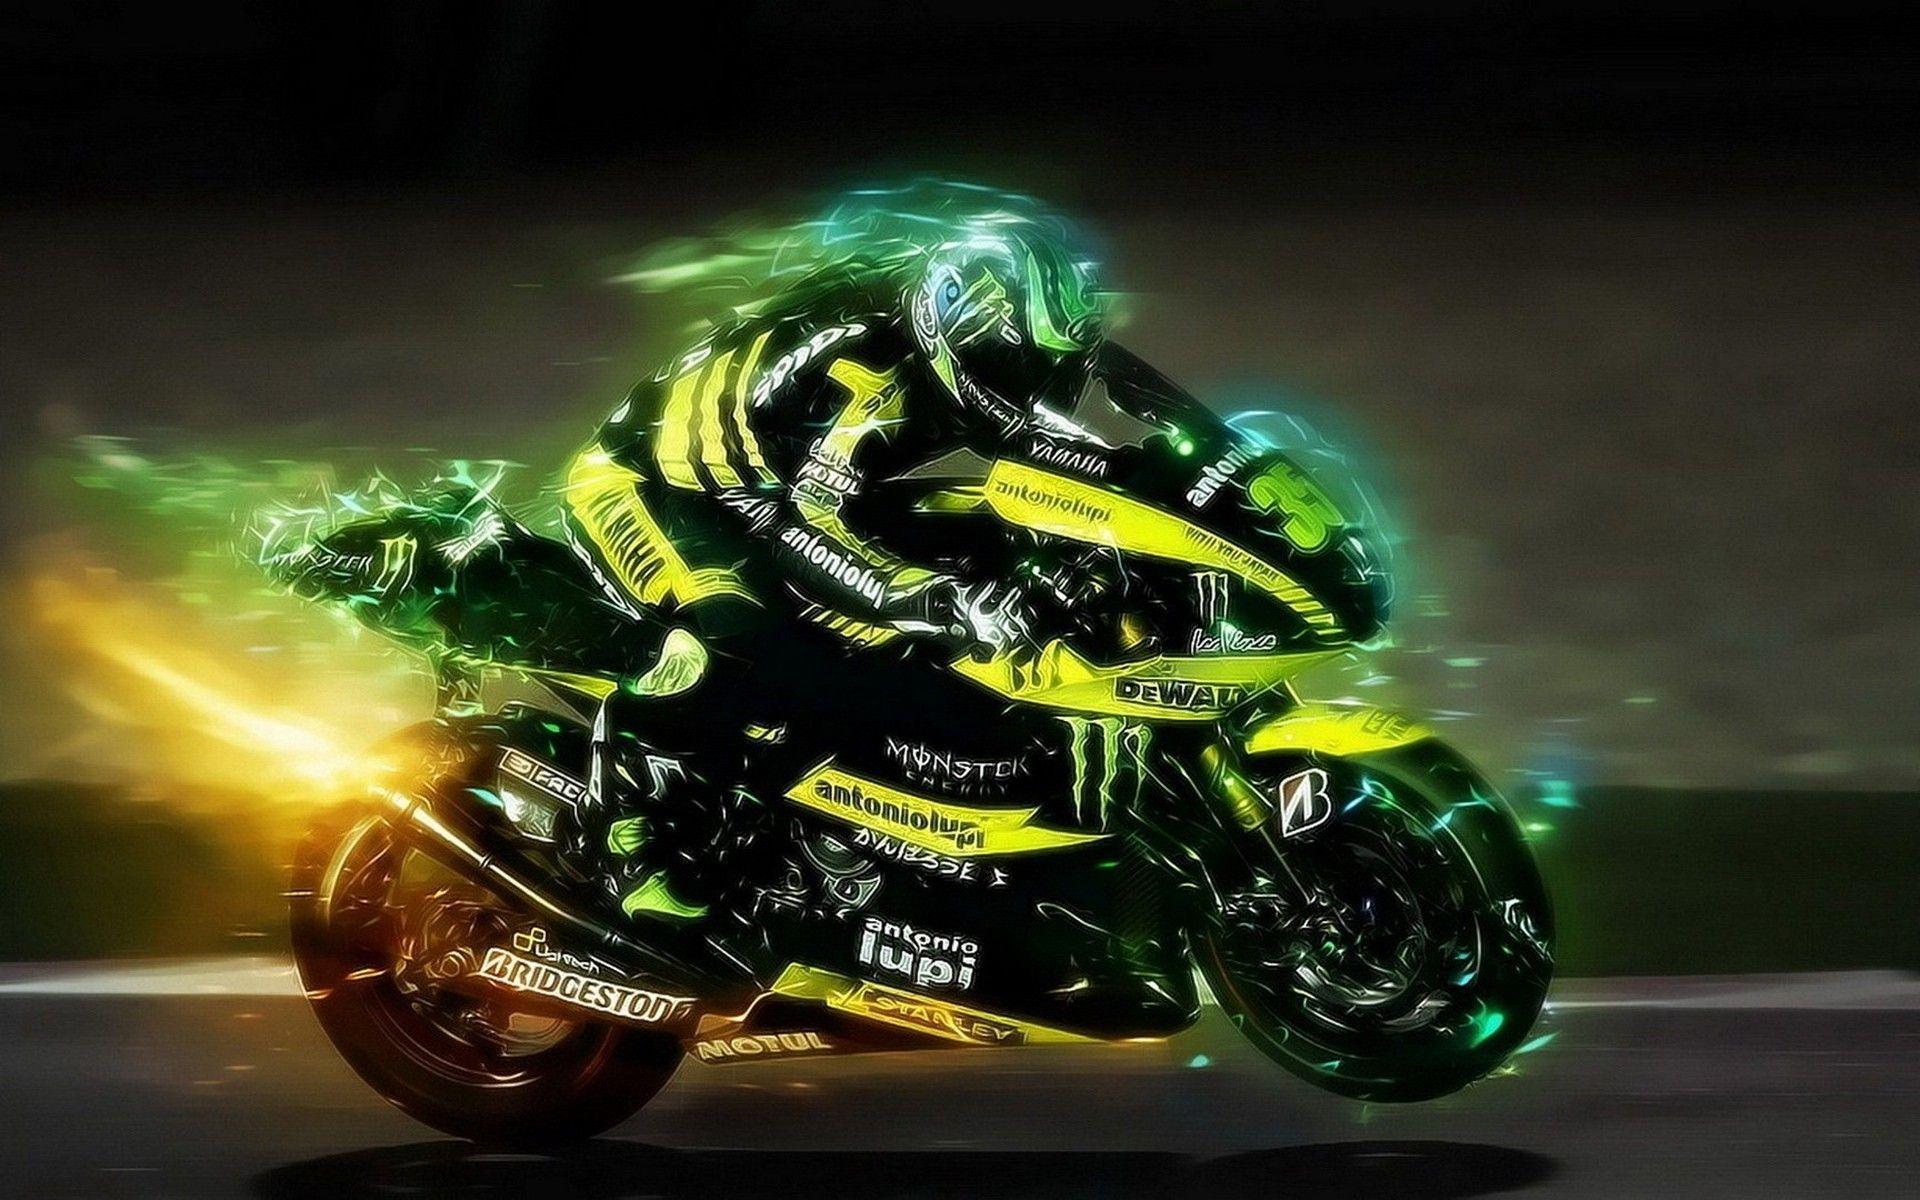 Download Wallpaper Motorsport